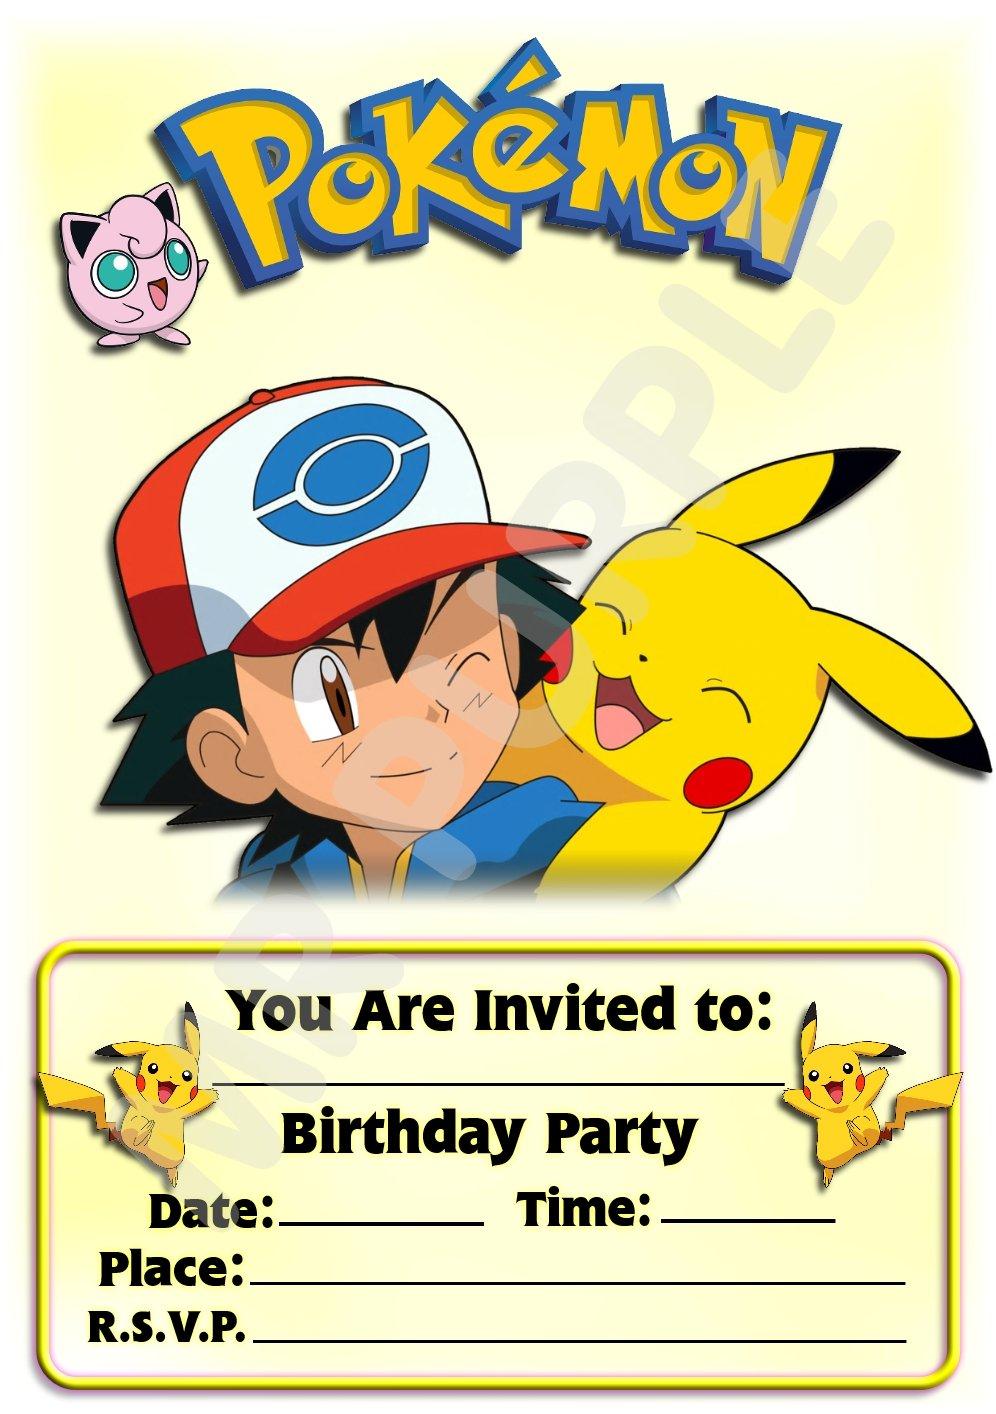 /F/ête//accessoires lot de 12/A5/invitations Pok/émon f/ête danniversaire Invite/ /Portrait en fr/êne et Pikachu Design/ WITHOUT Envelopes